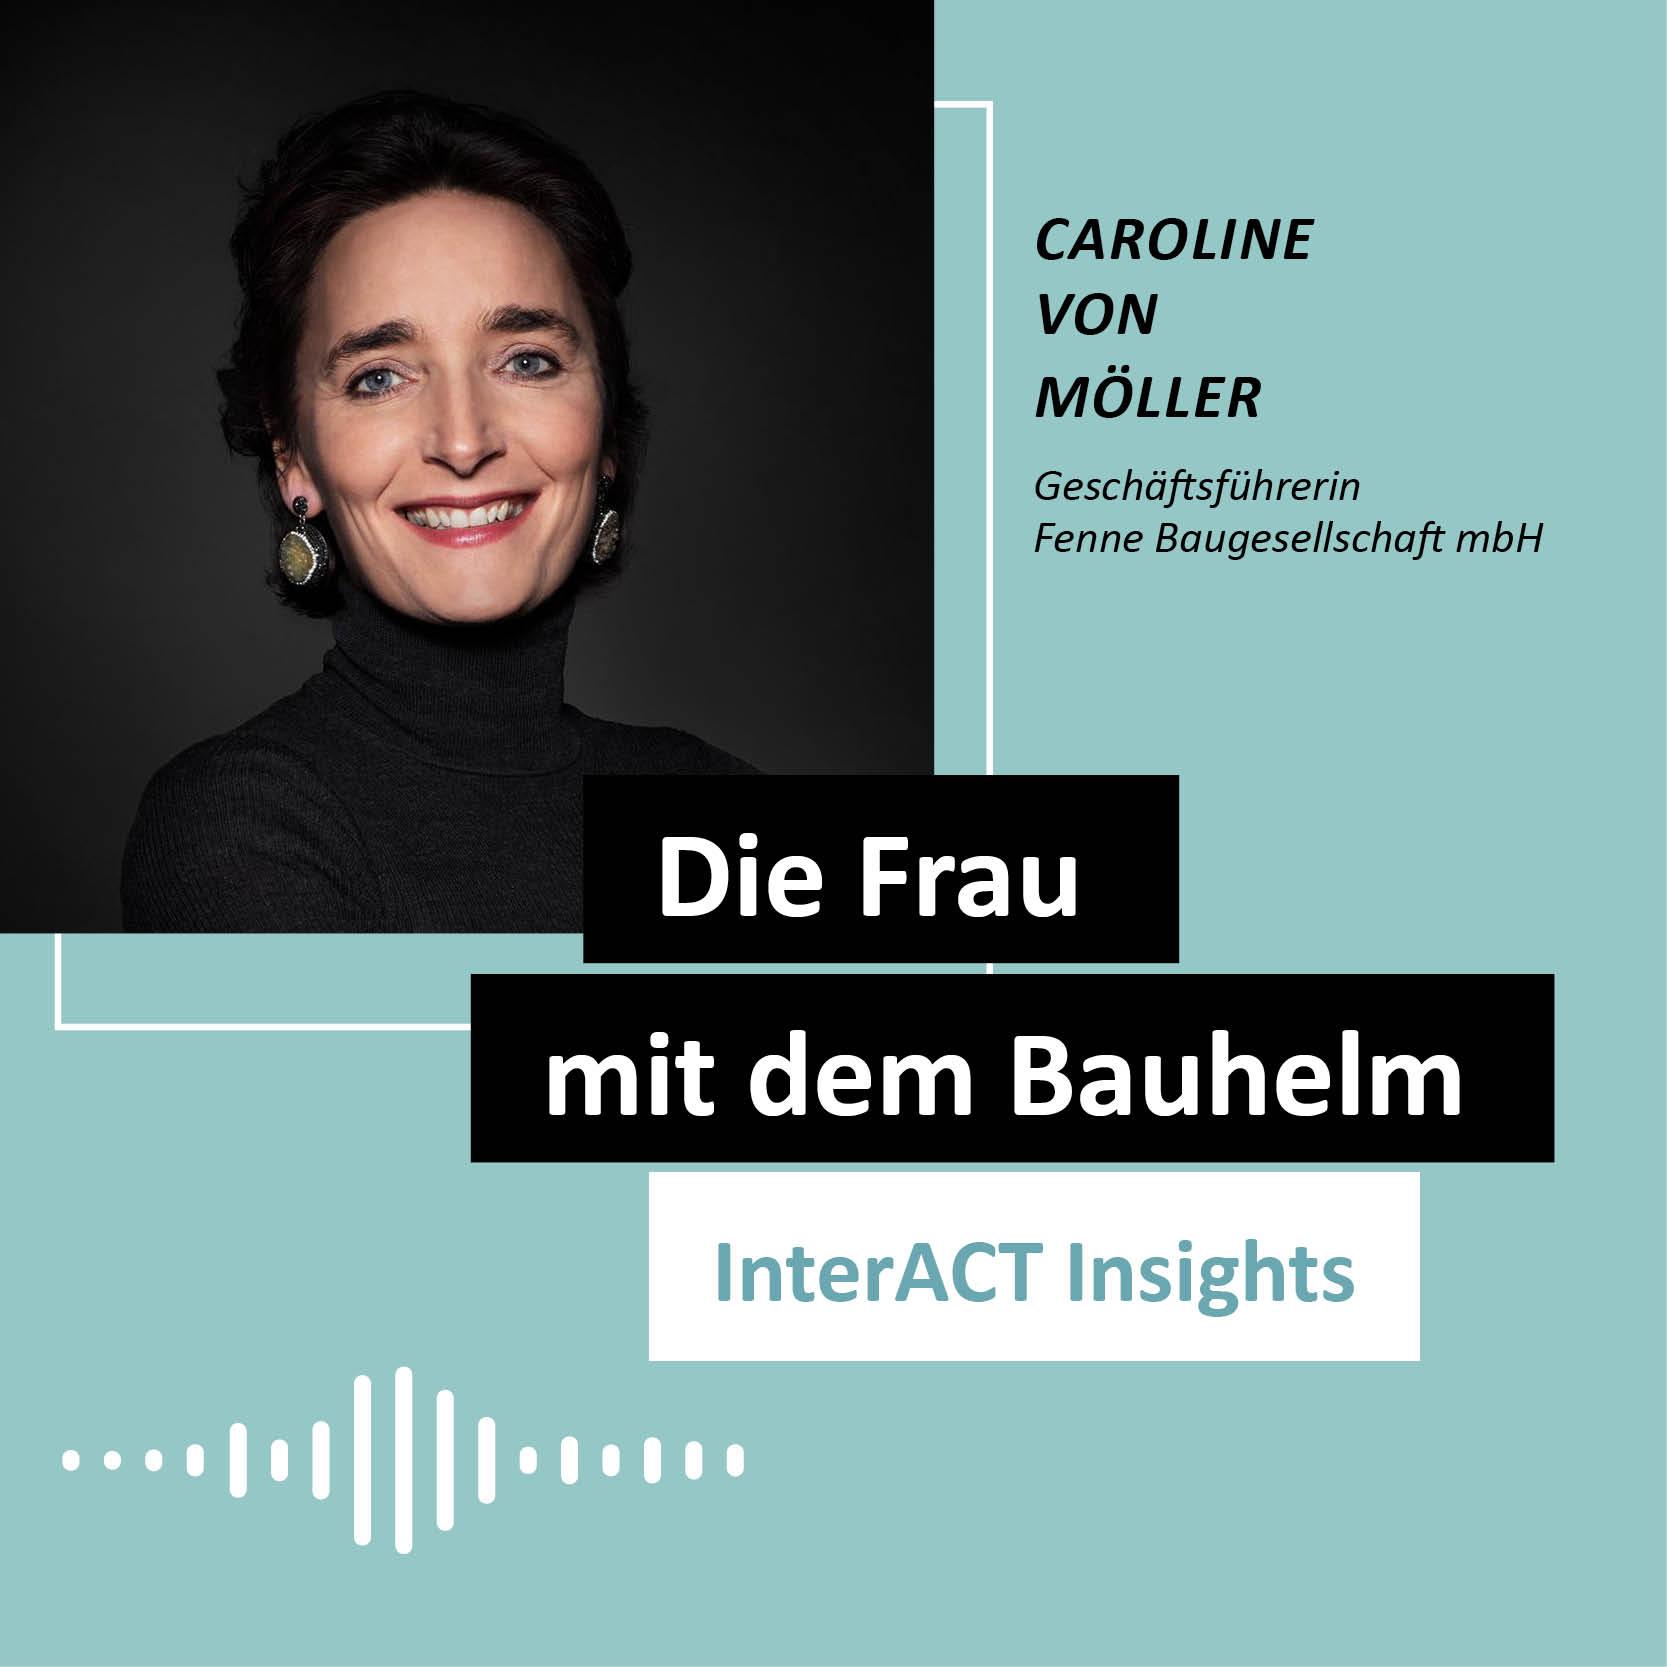 """Podcastfolge mit Caroline von Moeller - """"Die Frau mit dem Bauhelm"""" - InterACT Insights"""